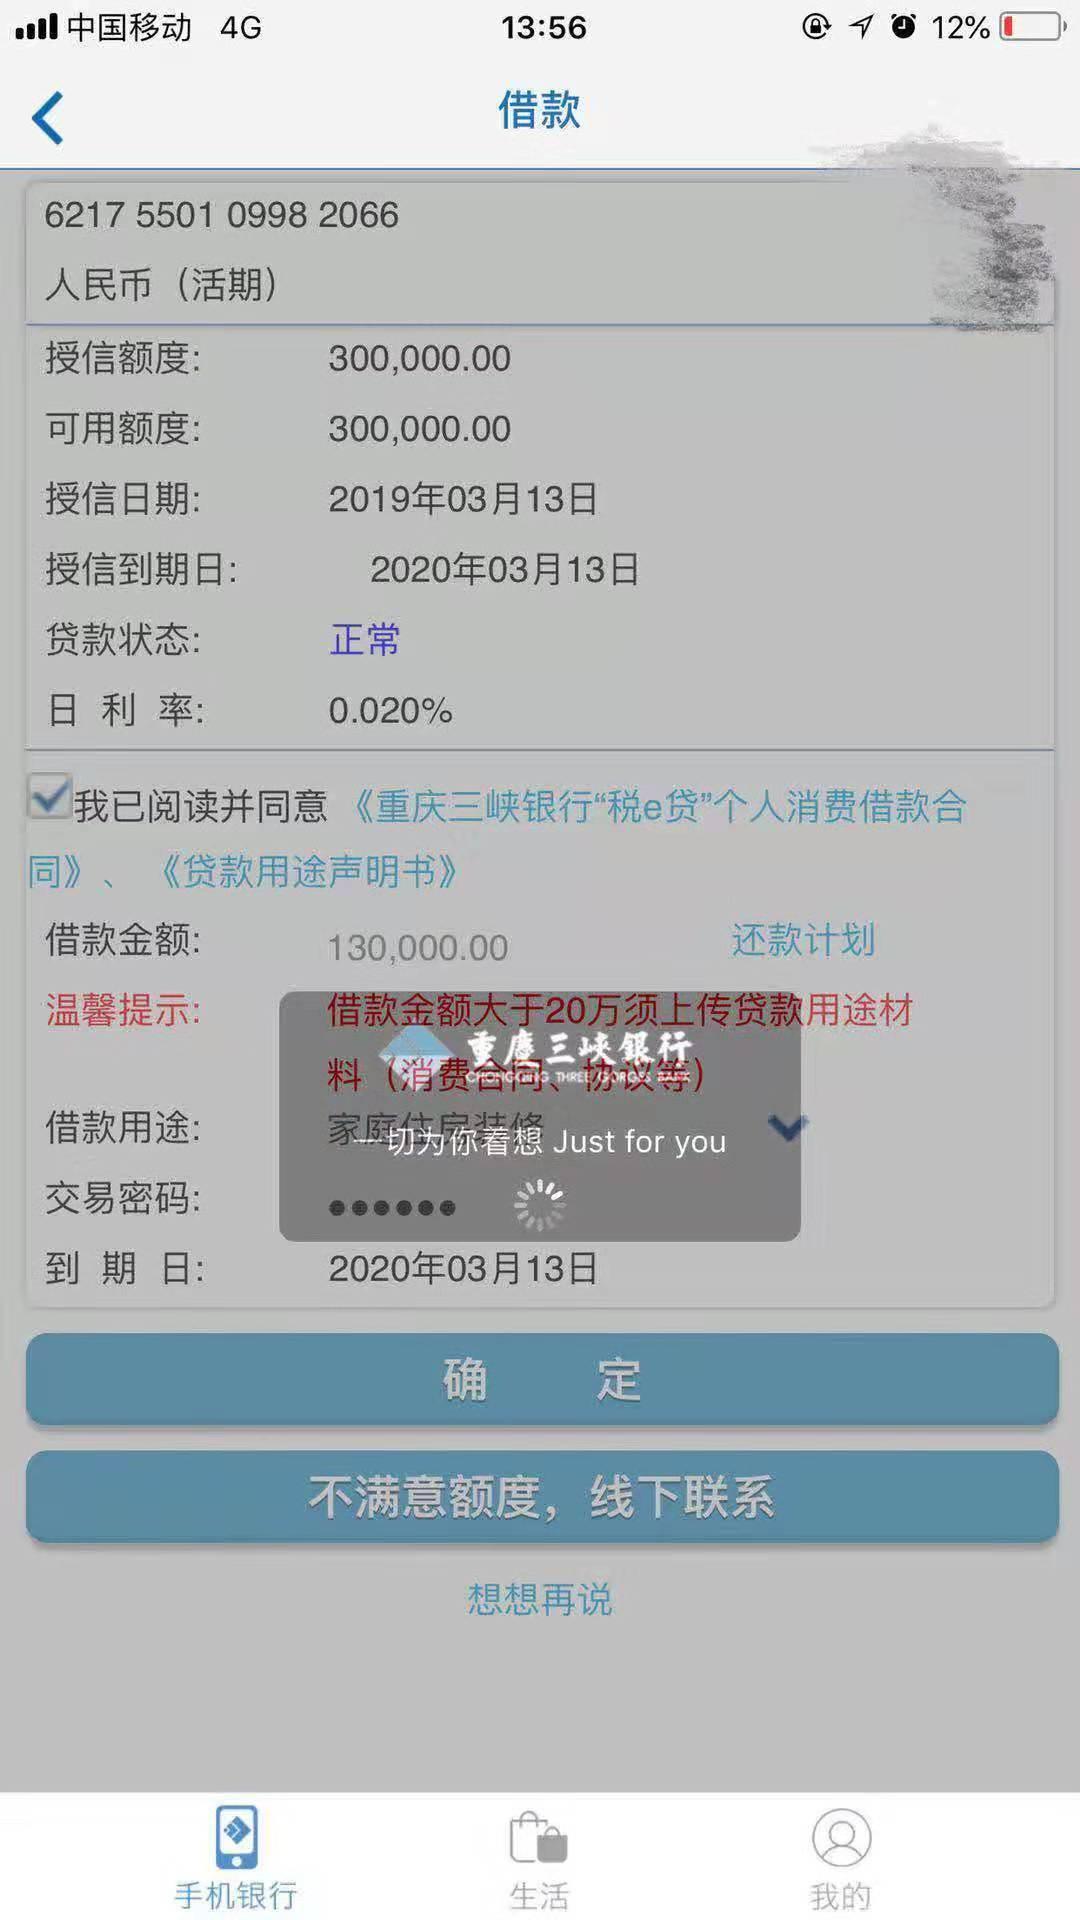 #重庆三峡银行-税e贷#有重庆三峡借记卡打卡工资的  最高...34 / 作者:dn诗 /